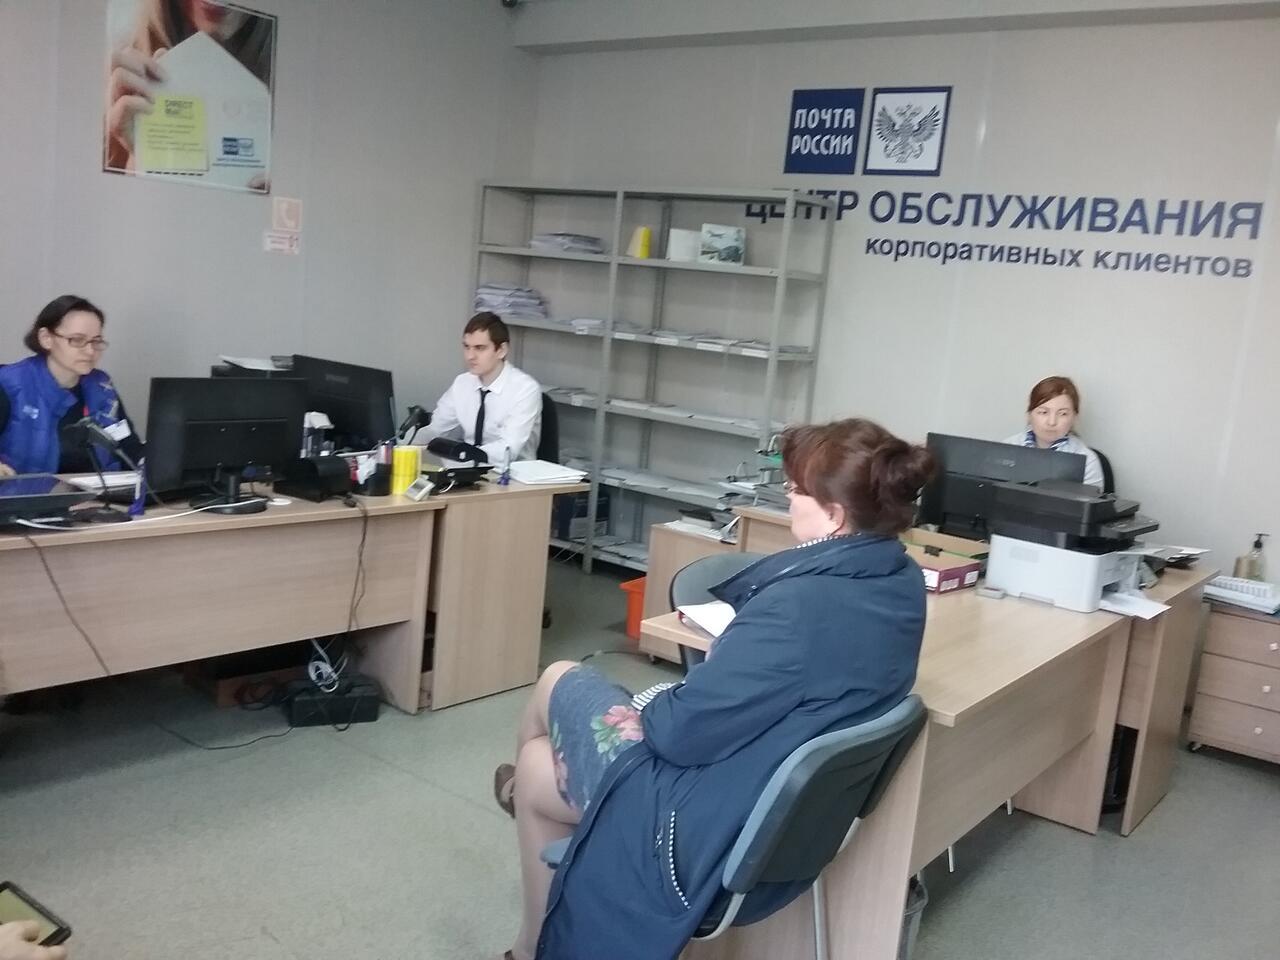 Клиенты в центре обслуживания юрлиц